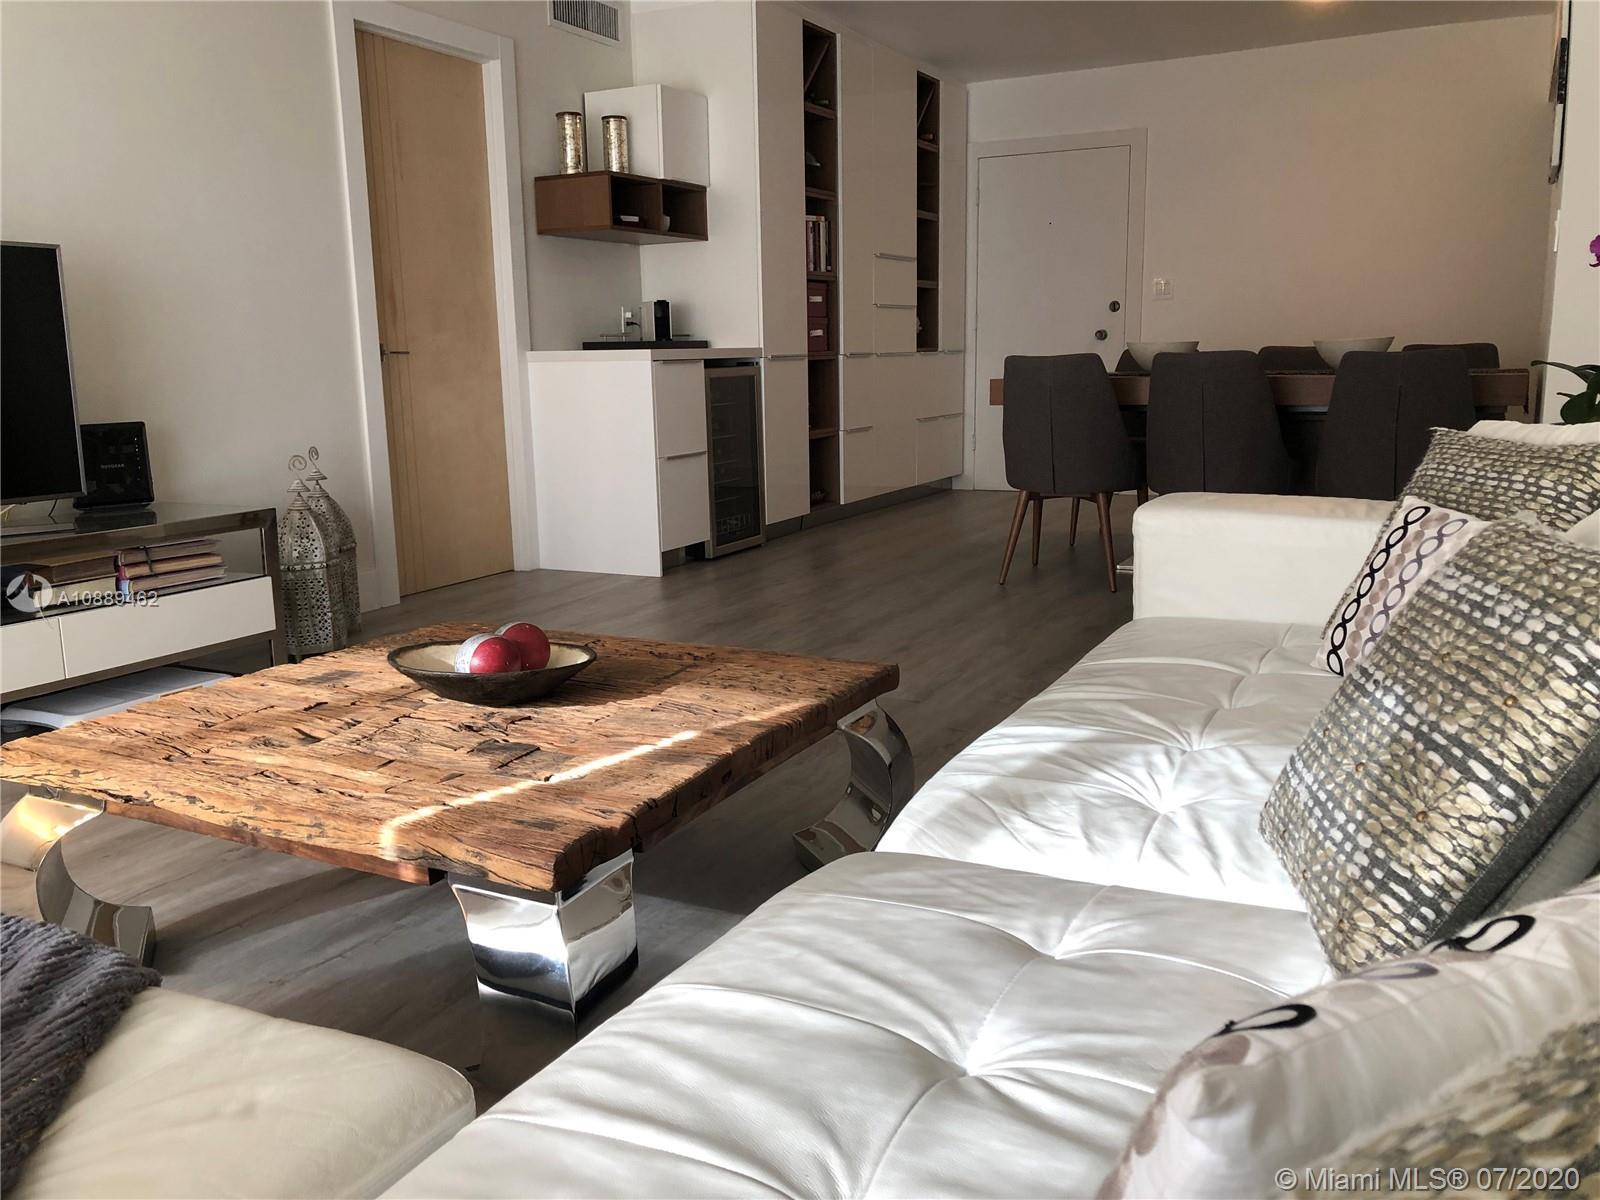 5555 Collins Ave # 5Y, Miami Beach, Florida 33140, 2 Bedrooms Bedrooms, ,2 BathroomsBathrooms,Residential,For Sale,5555 Collins Ave # 5Y,A10889462